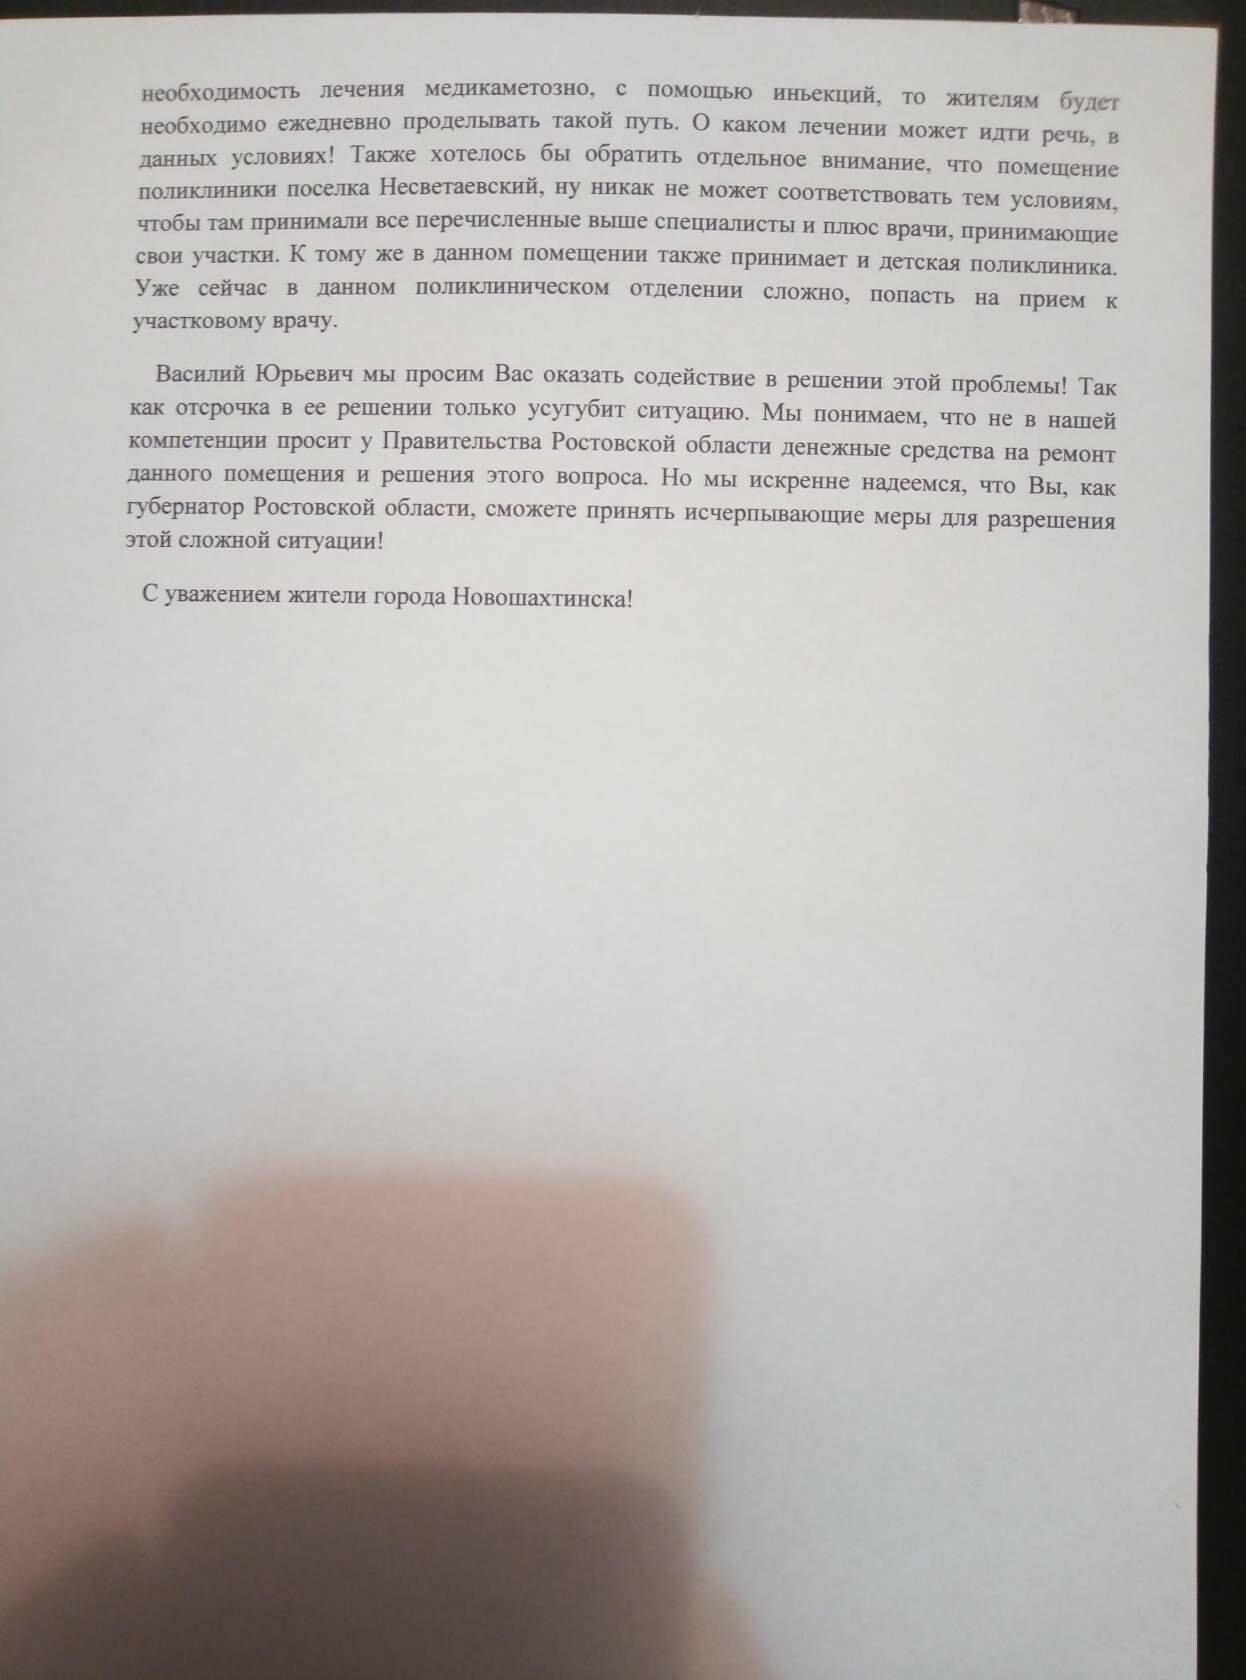 Новошахтинцы собирают подписи под петицией губернатору о закрытии больницы, фото-2